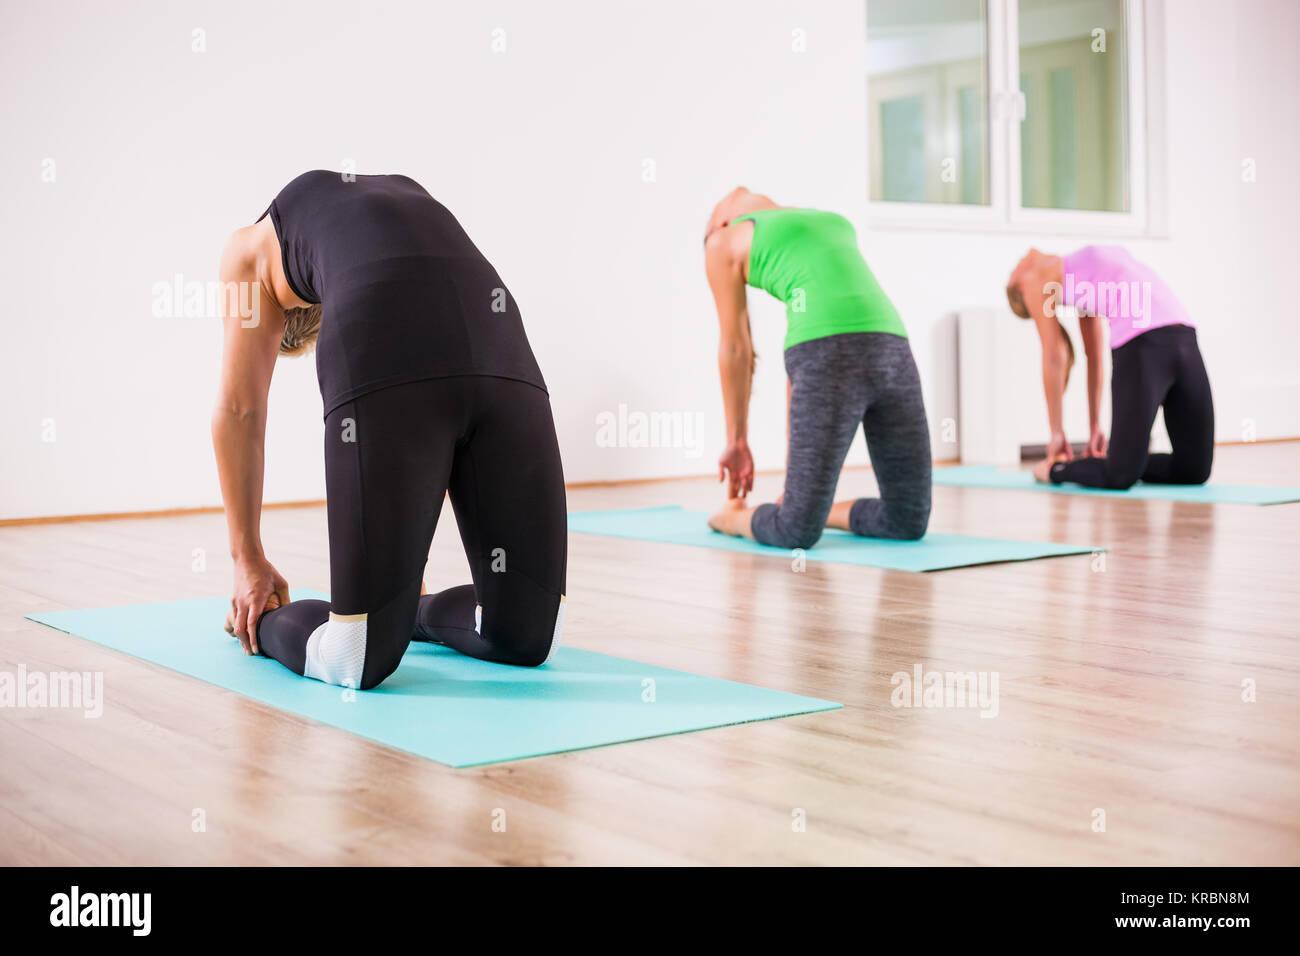 Three girls practicing yoga, Ushtrasana / Camel pose - Stock Image